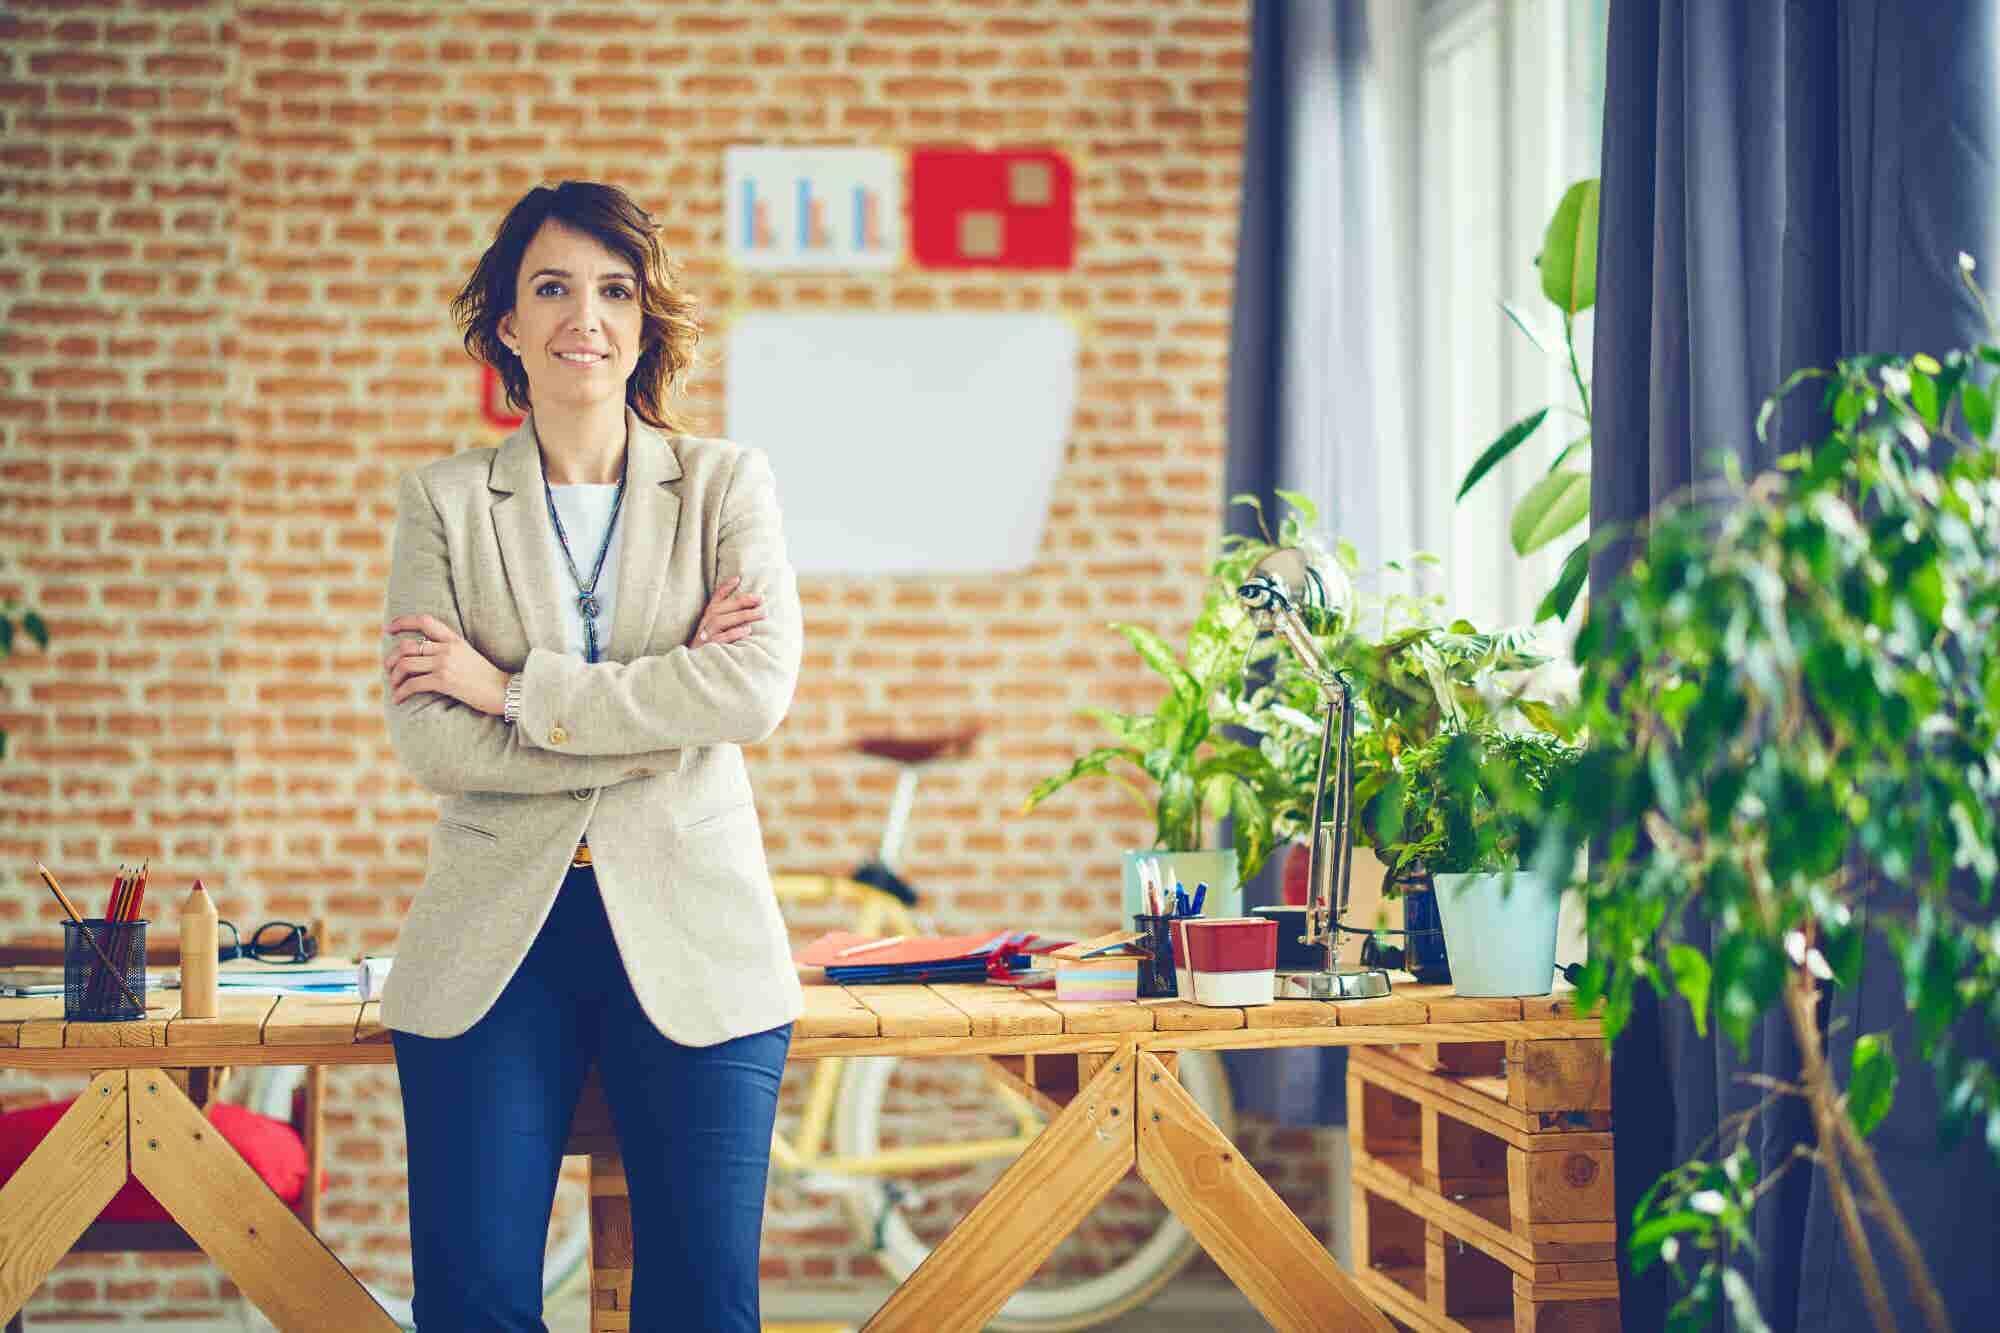 ¿Eres mujer emprendedora? Estas agrupaciones latinoamericanas quieren apoyarte